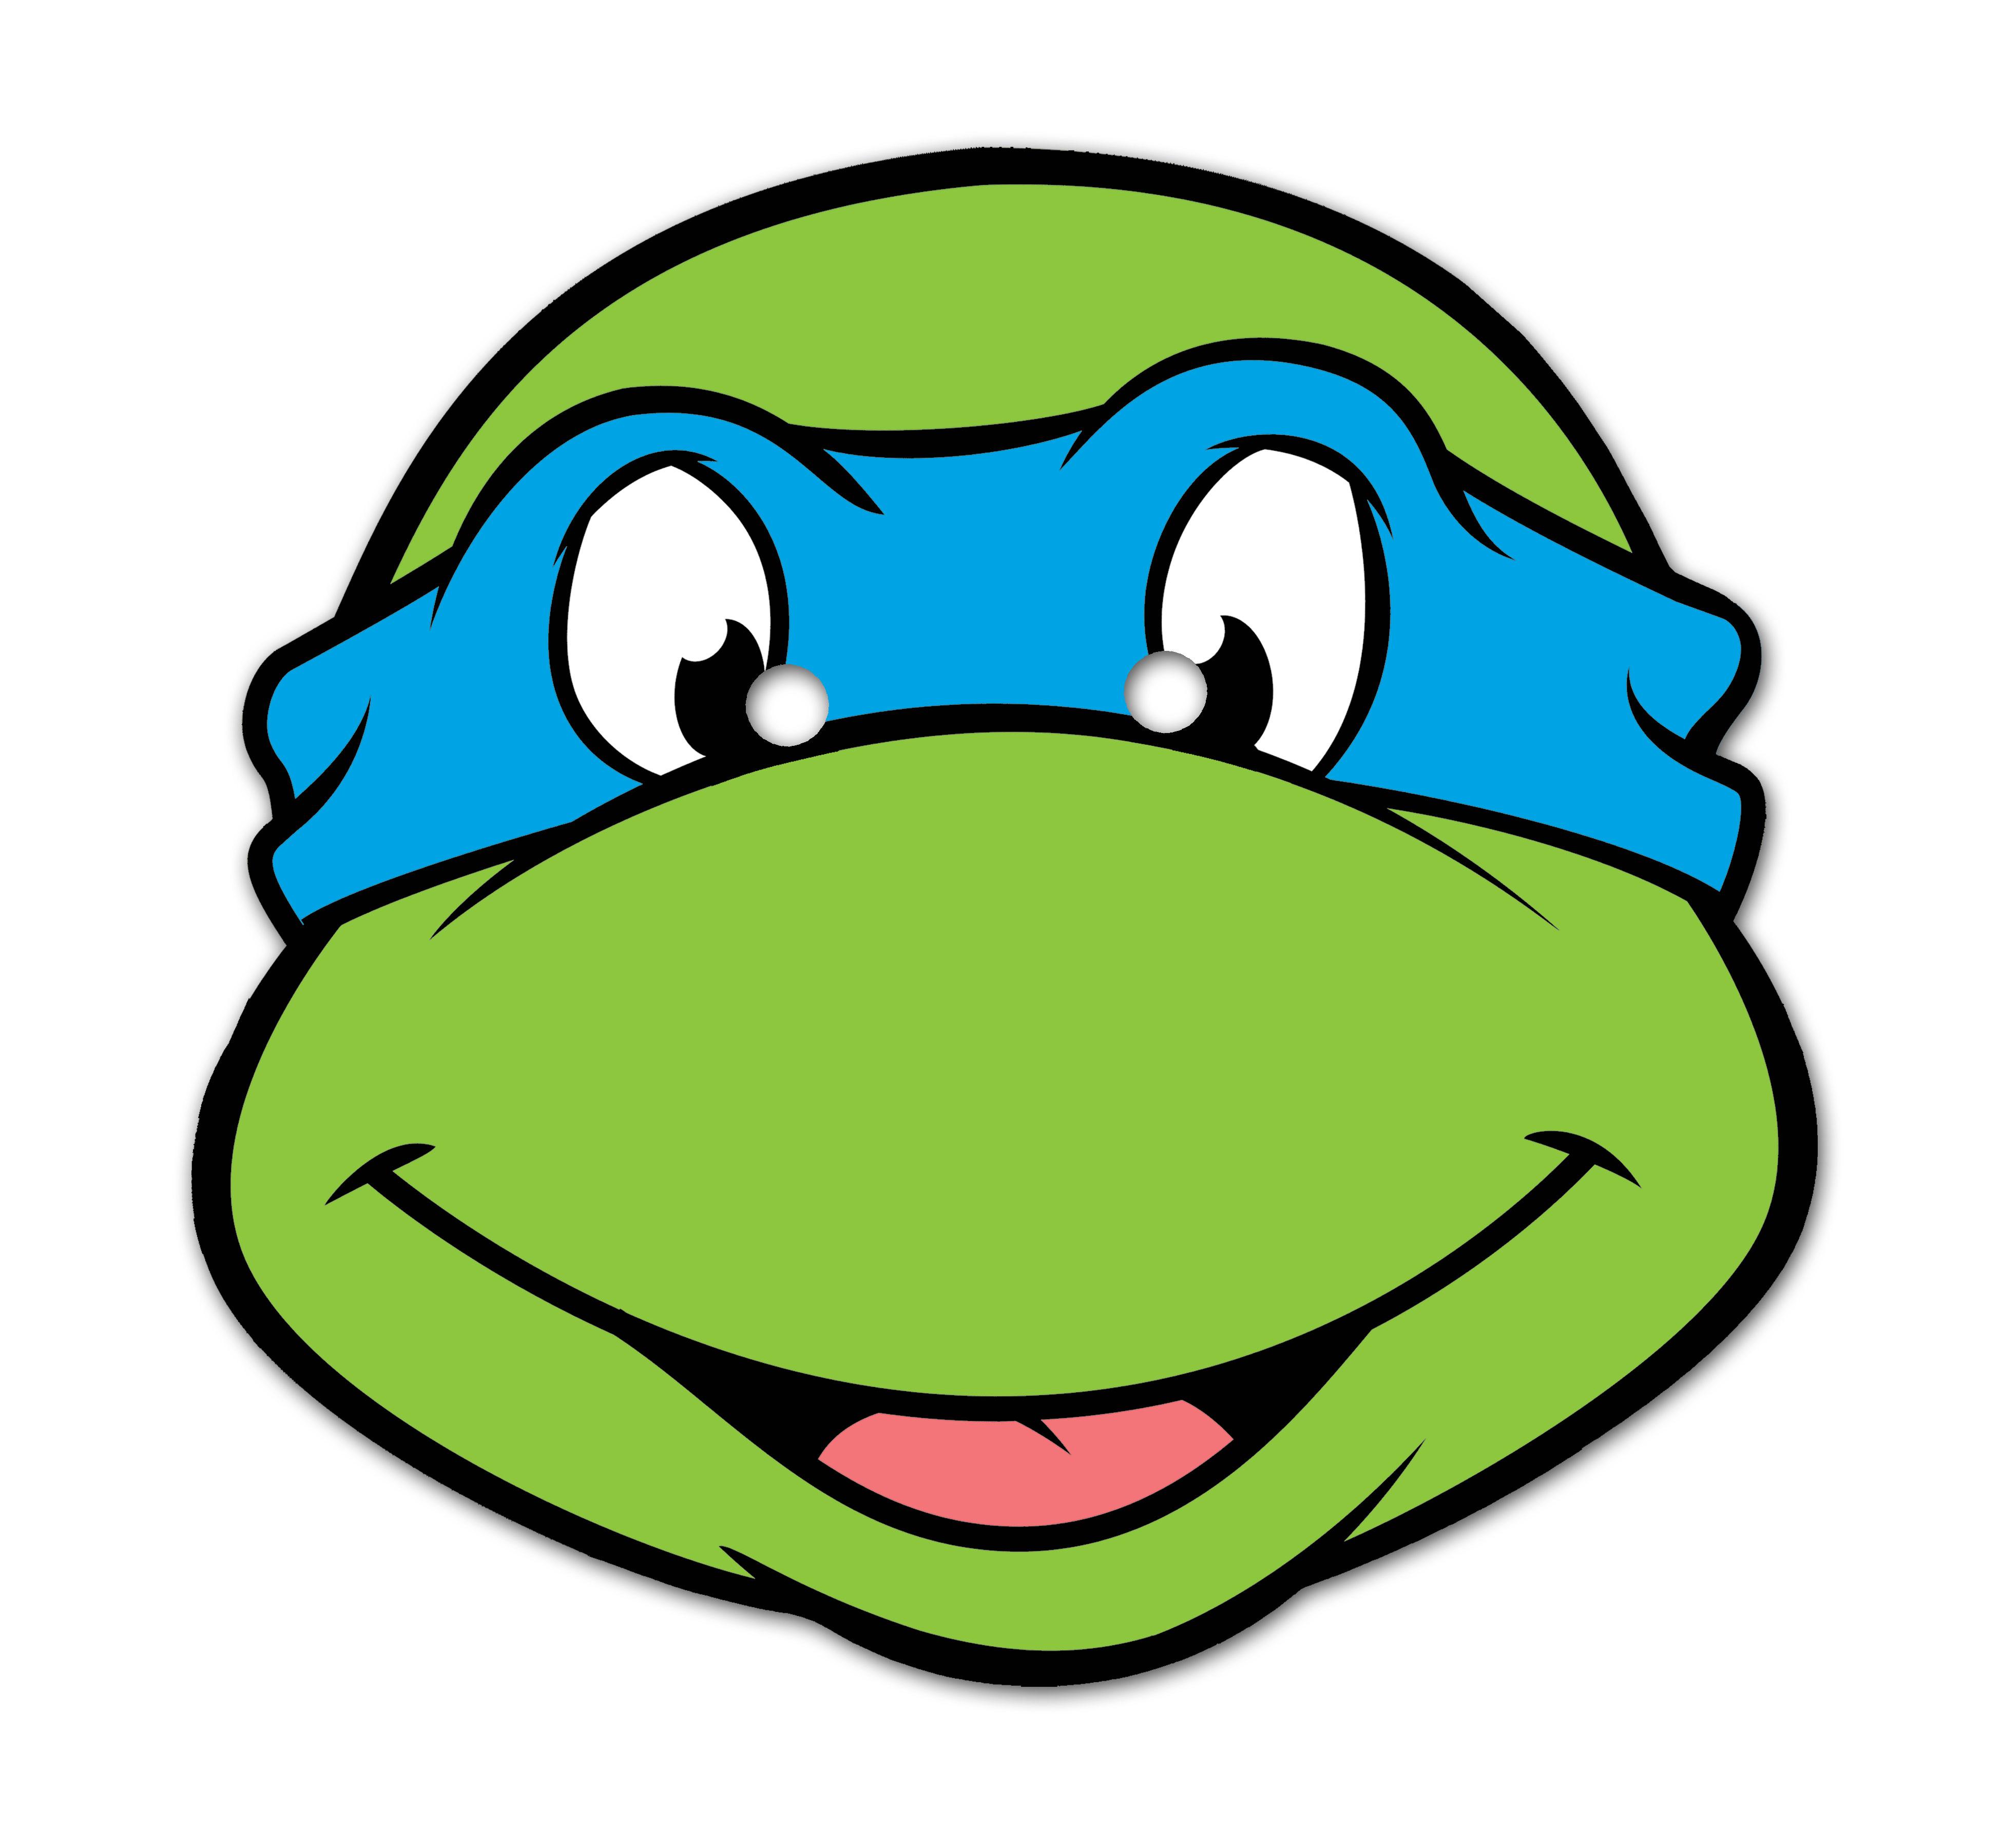 Teenage Mutant Ninja Turtle Template